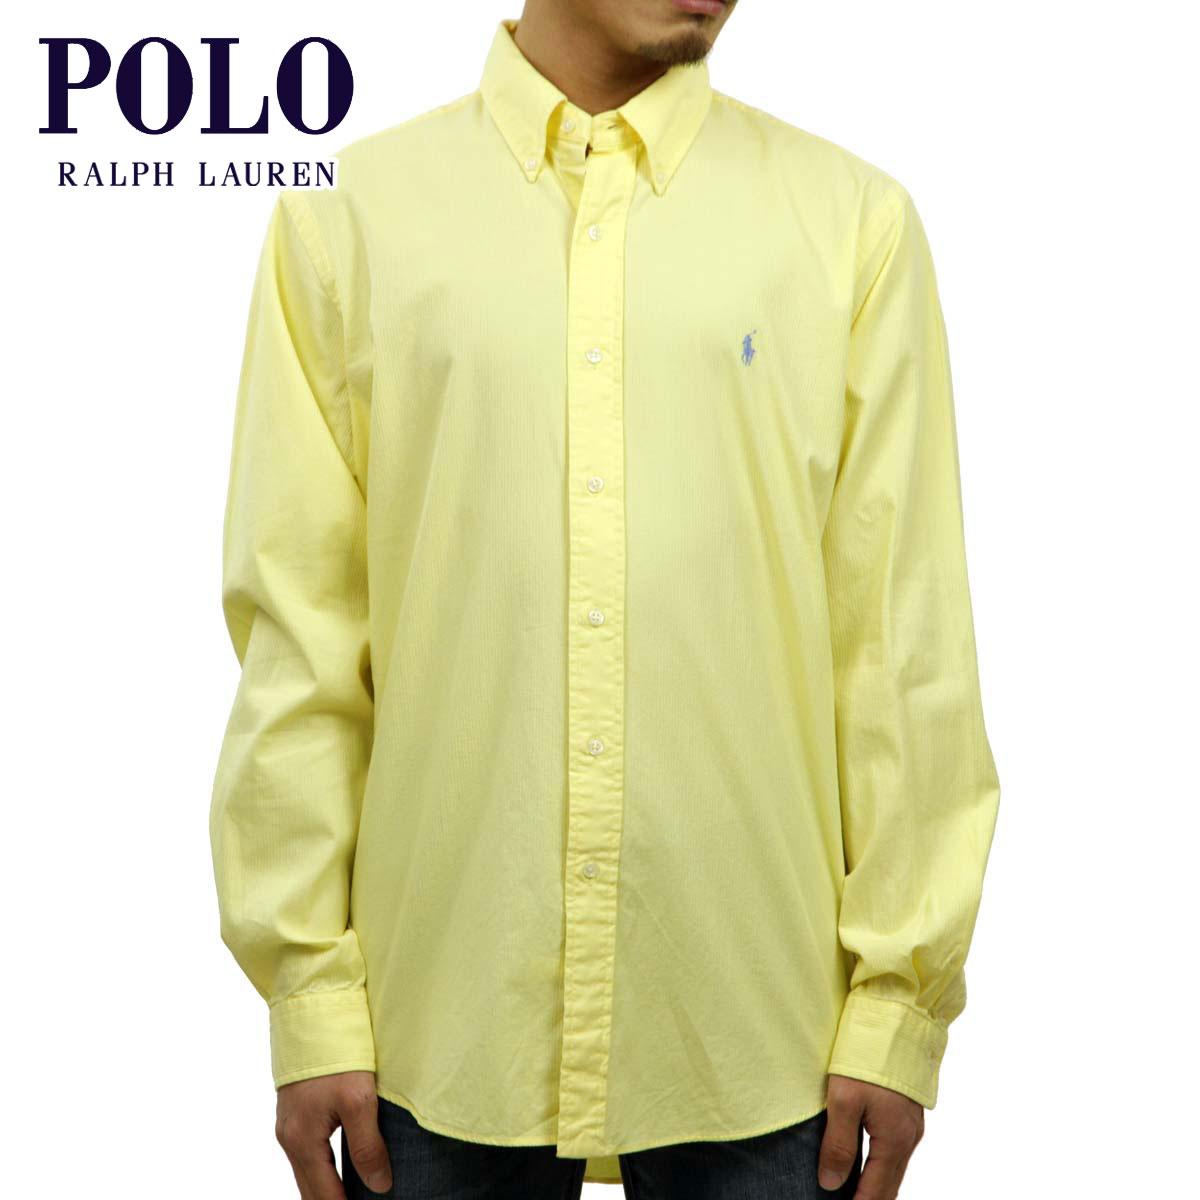 ポロ ラルフローレン POLO RALPH LAUREN 正規品 メンズ 長袖ボタンダウンシャツ SEERSUCKER L/S SHIRT YELLOW D20S30